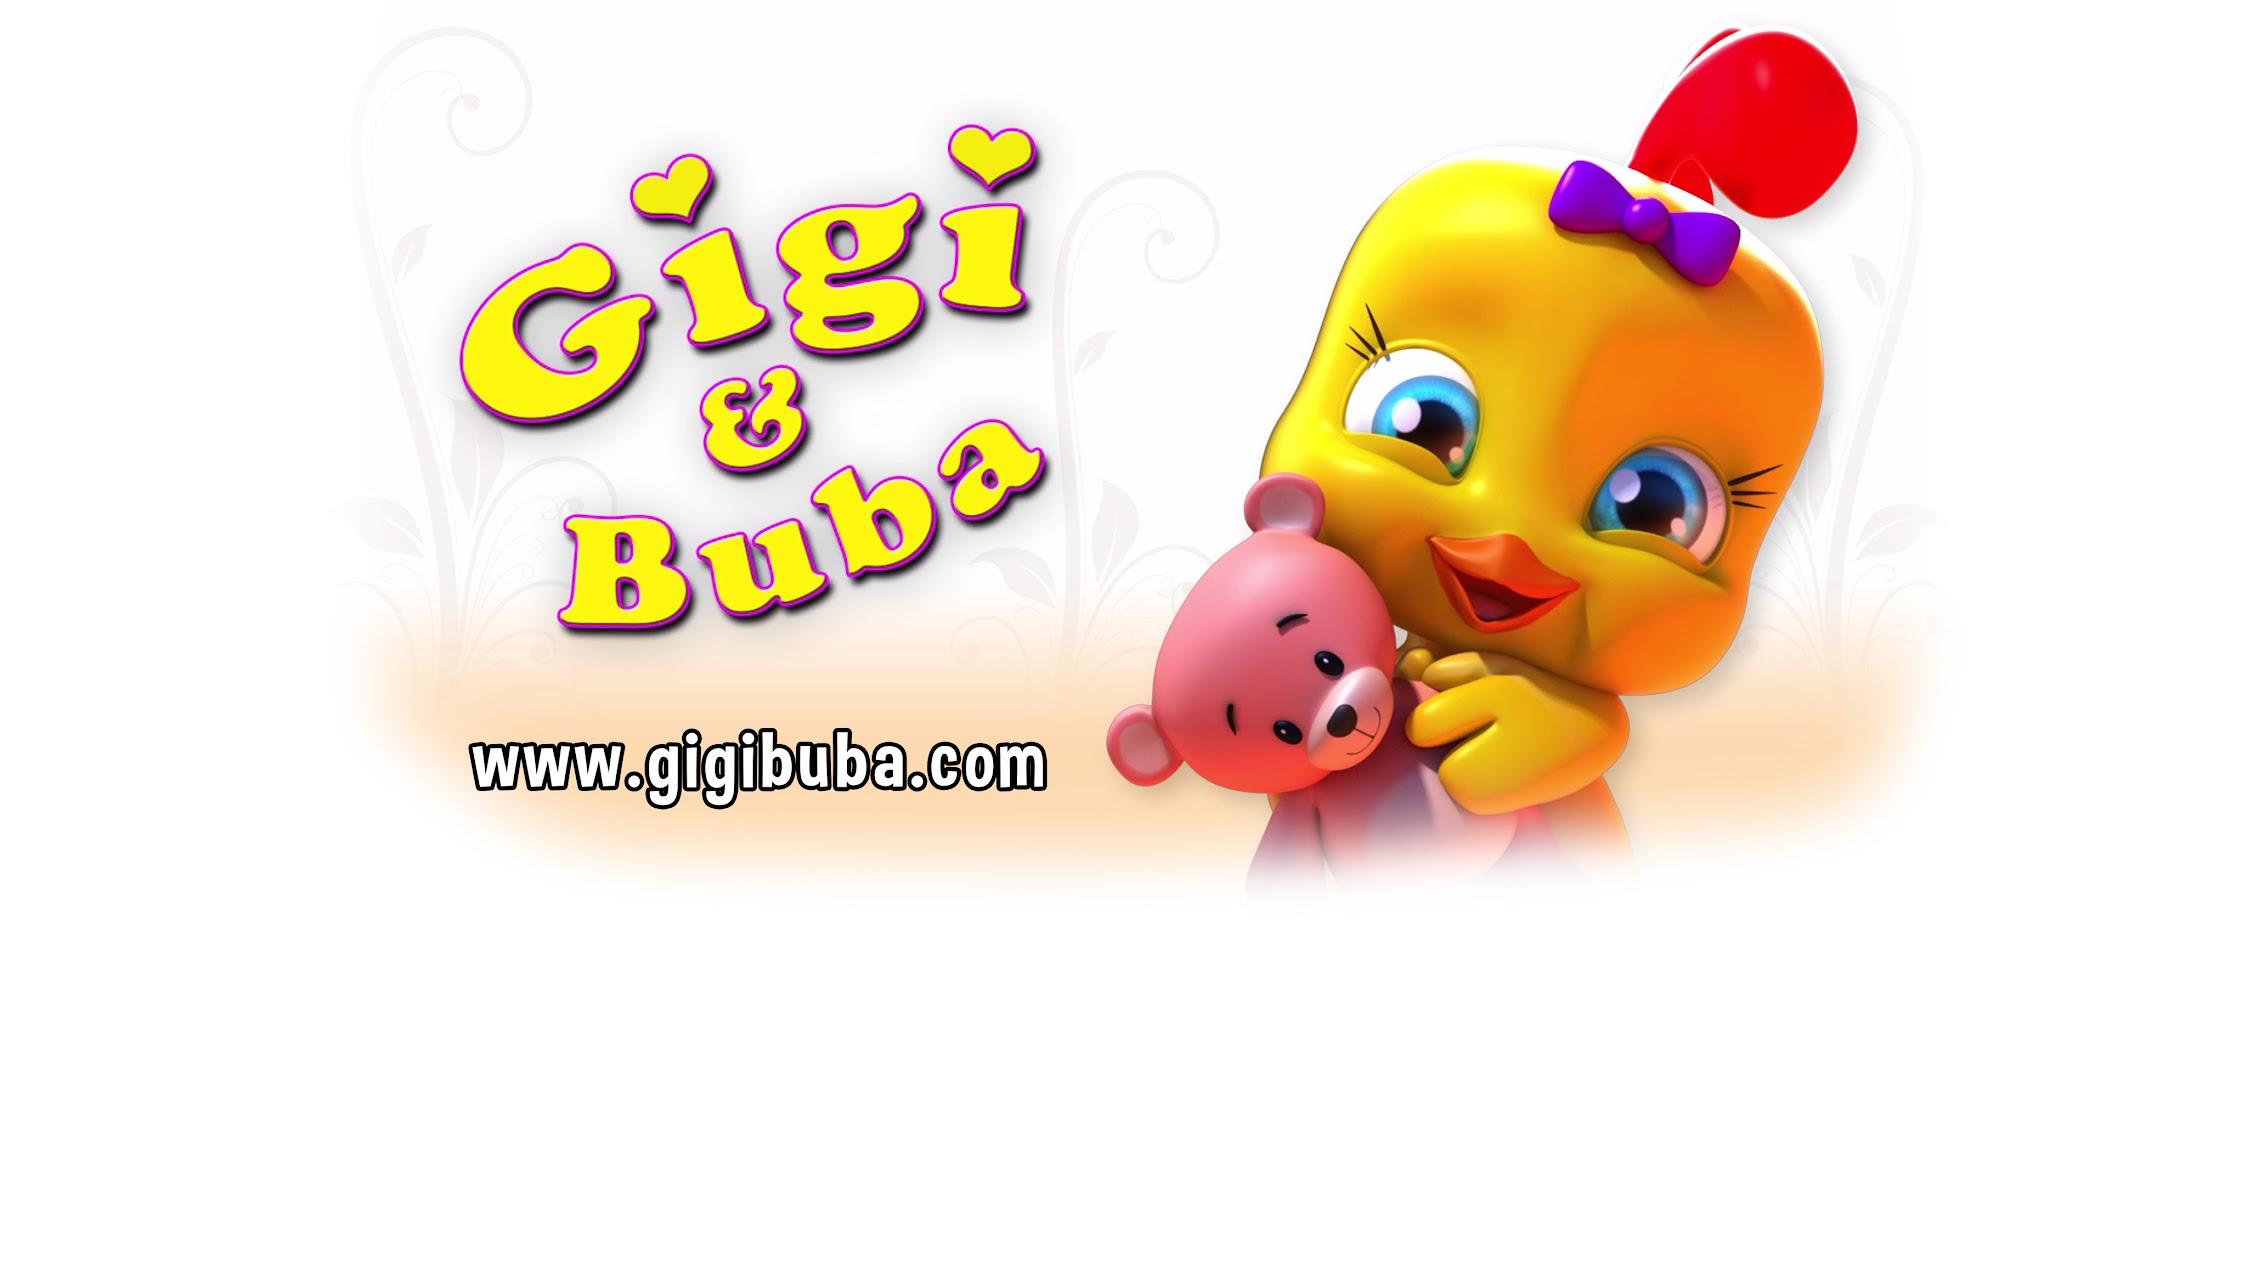 Gigi&Buba